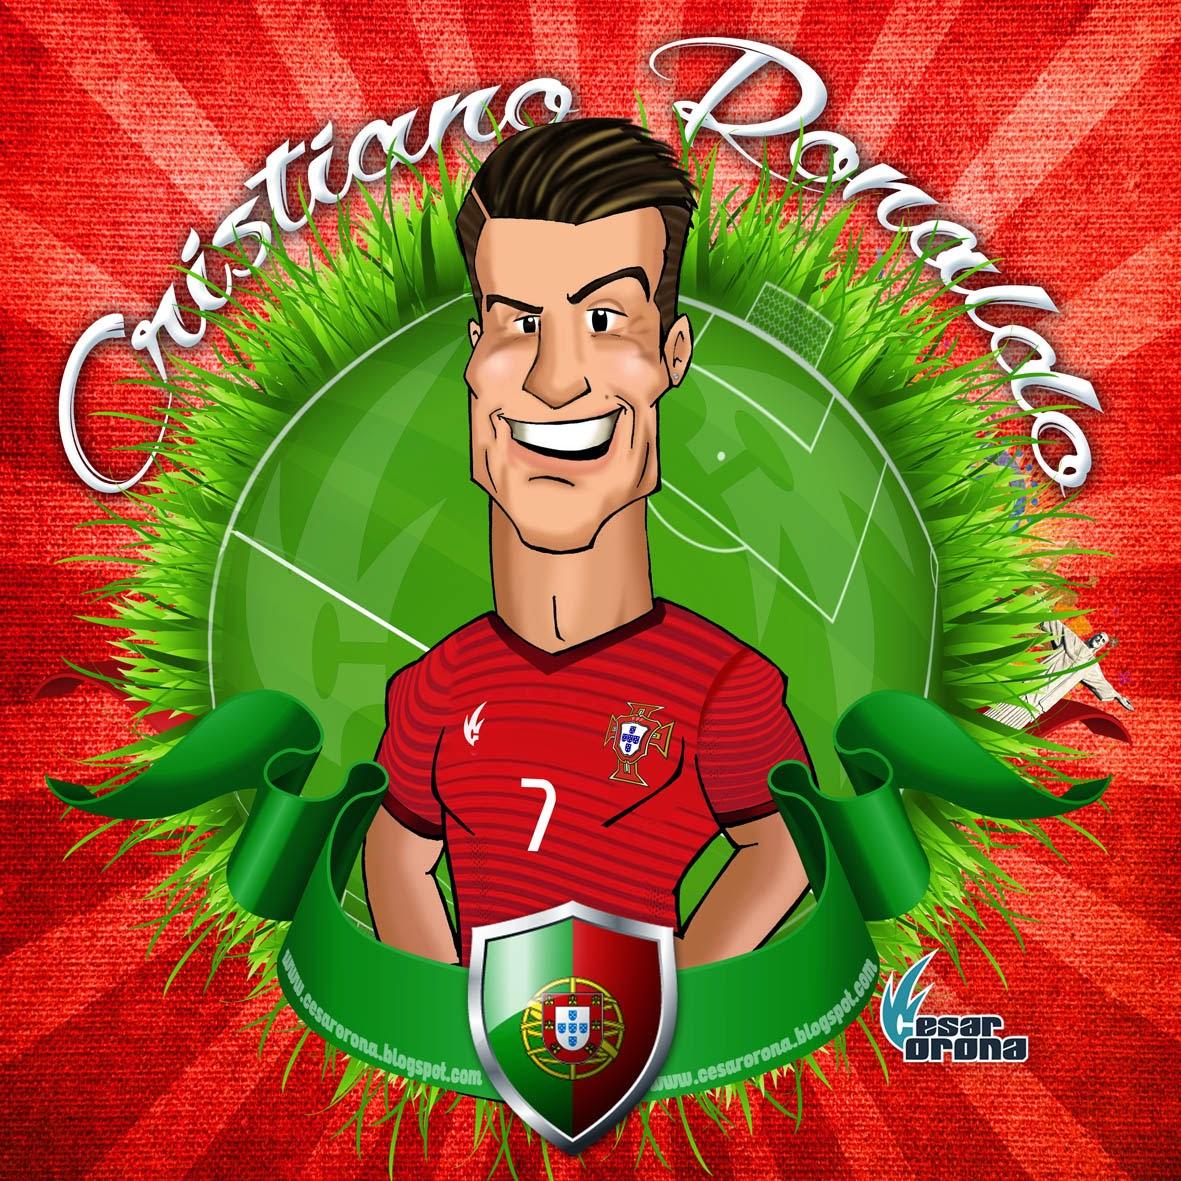 portugal cristiano ronaldo